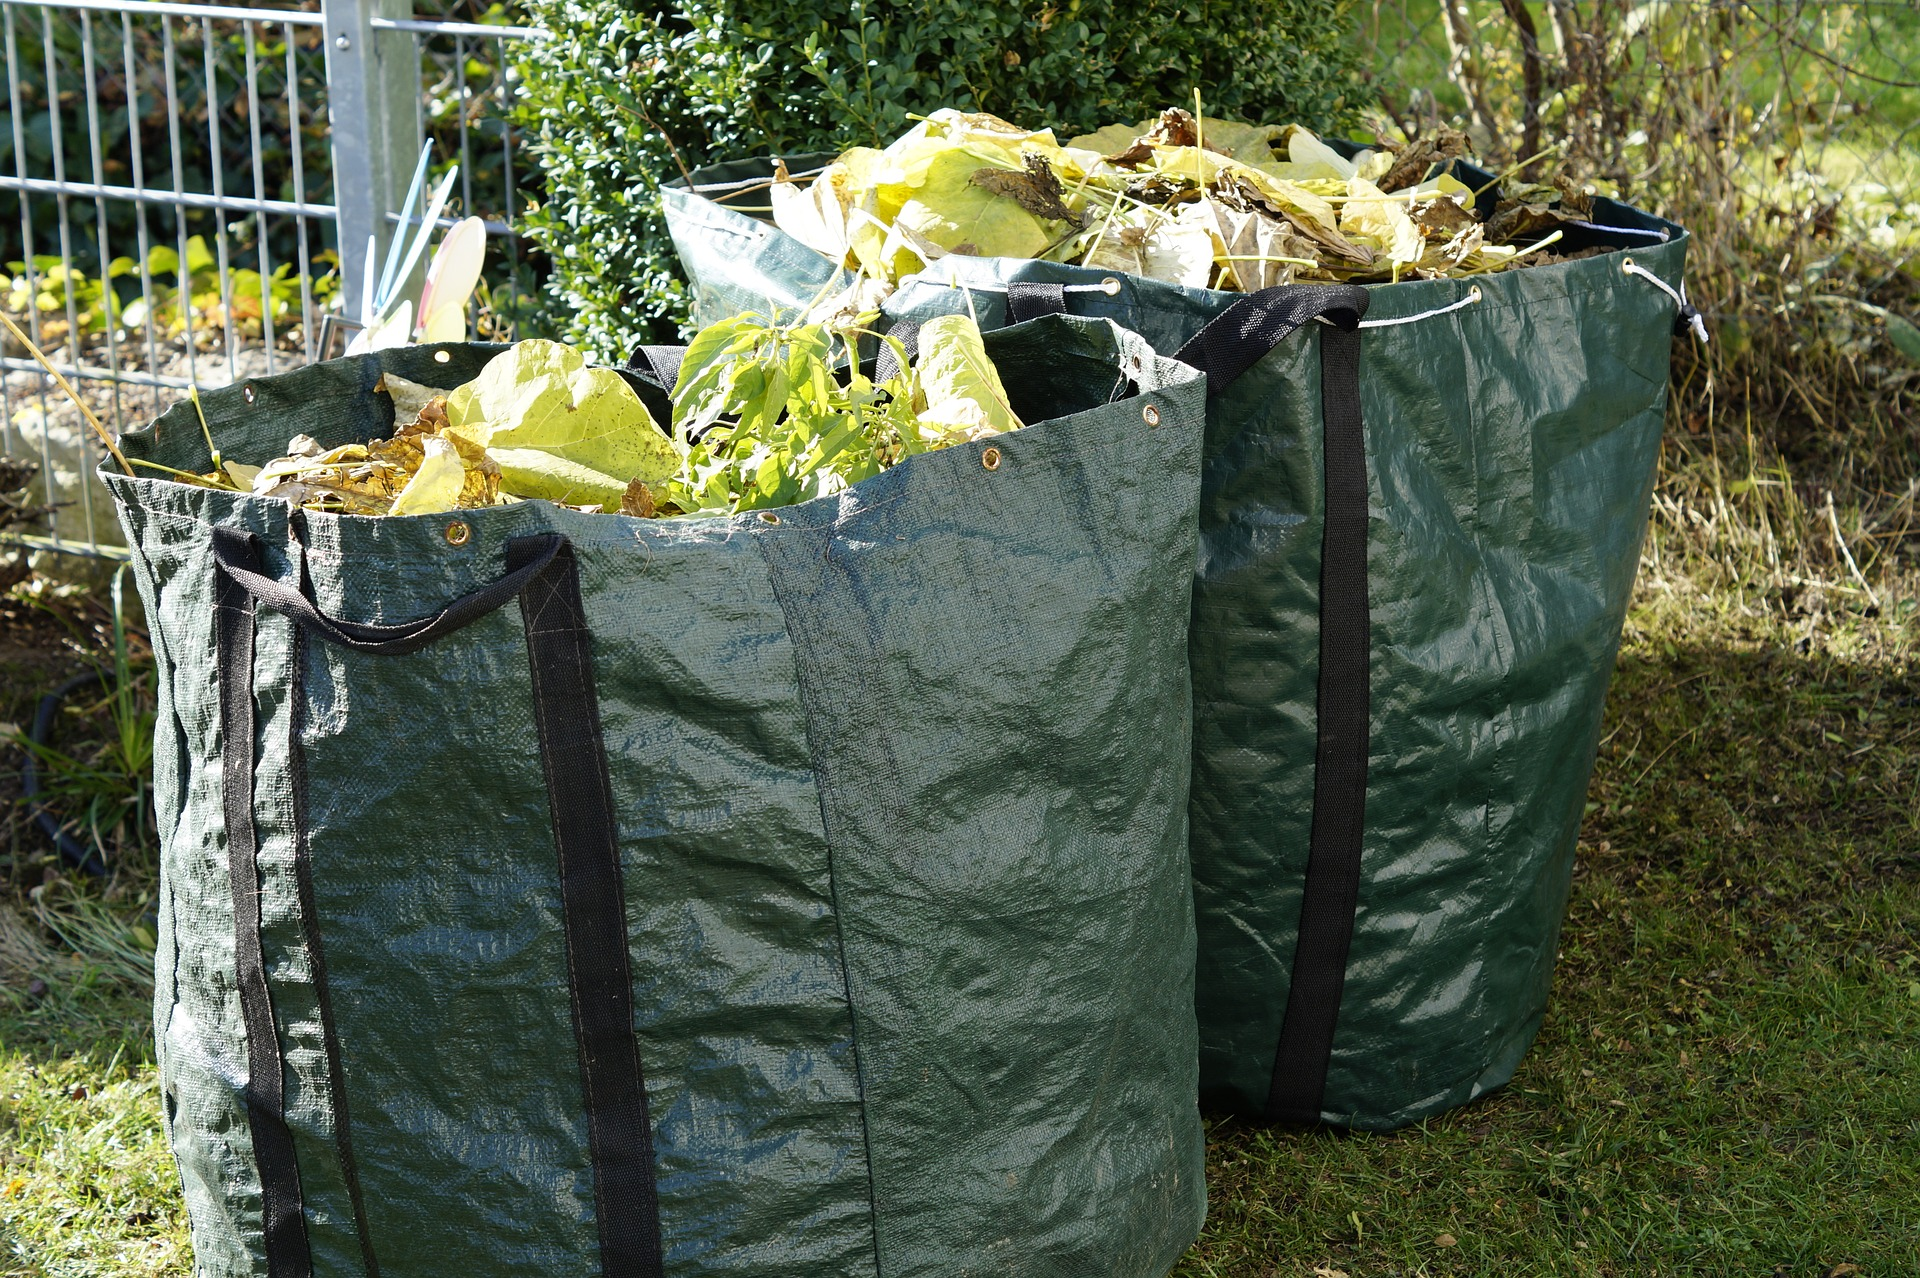 garden-waste-1047259_1920